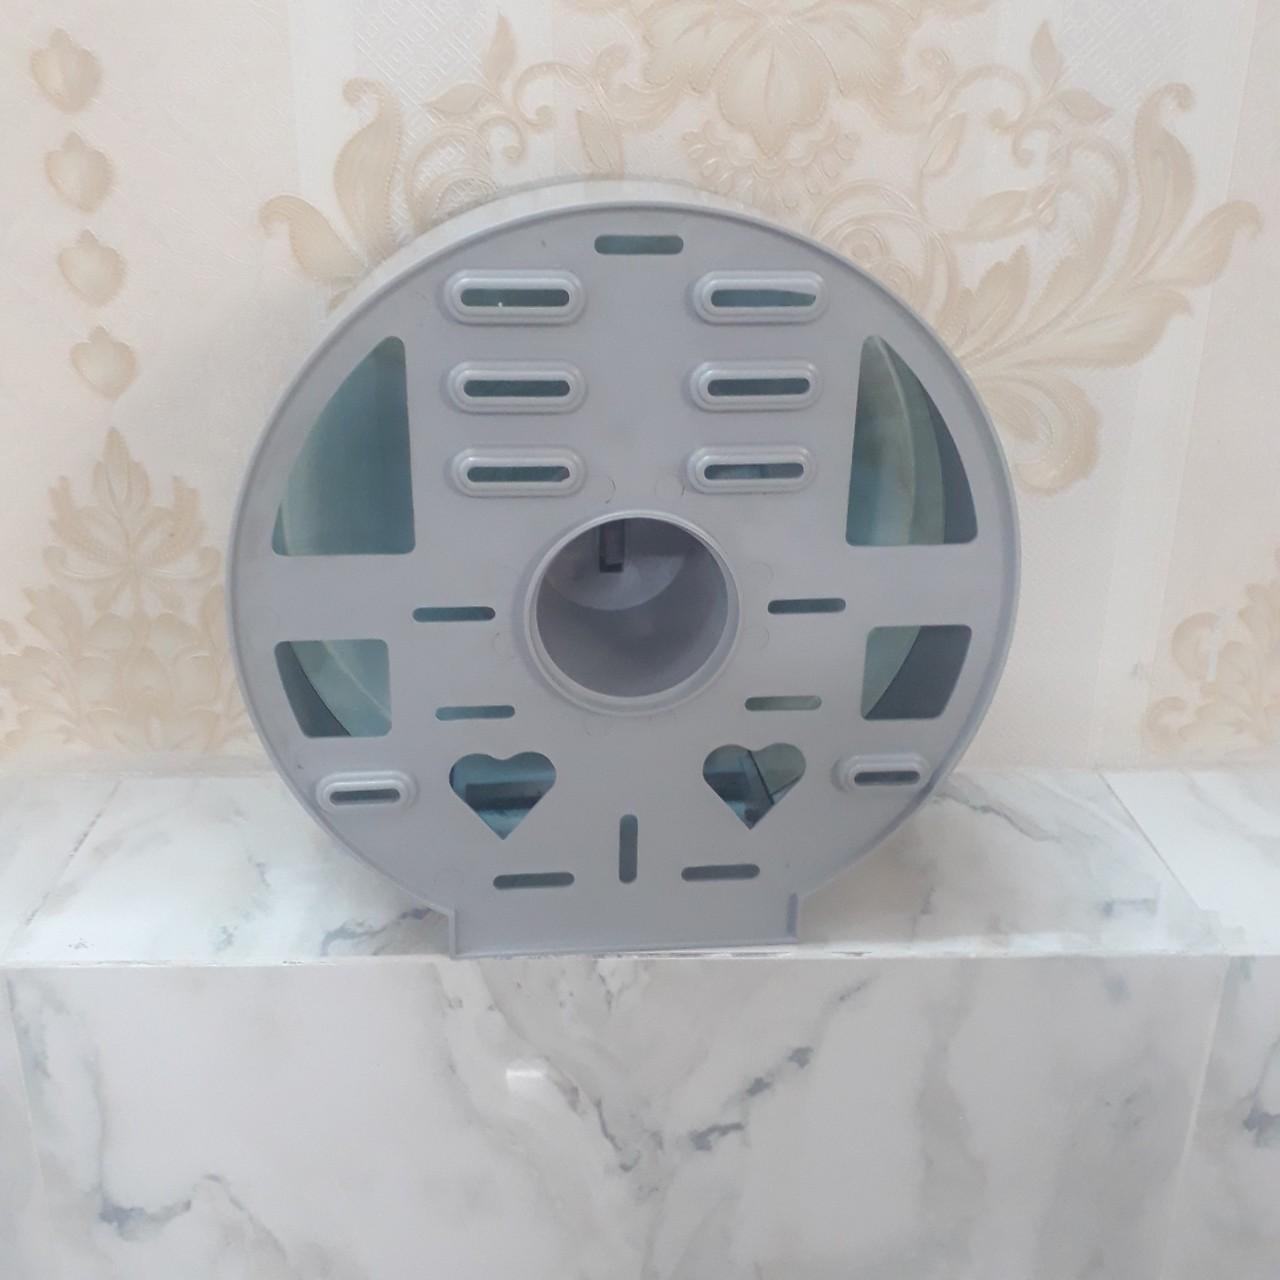 Hộp nhựa đựng giấy vệ sinh 700-1000 gram treo tường